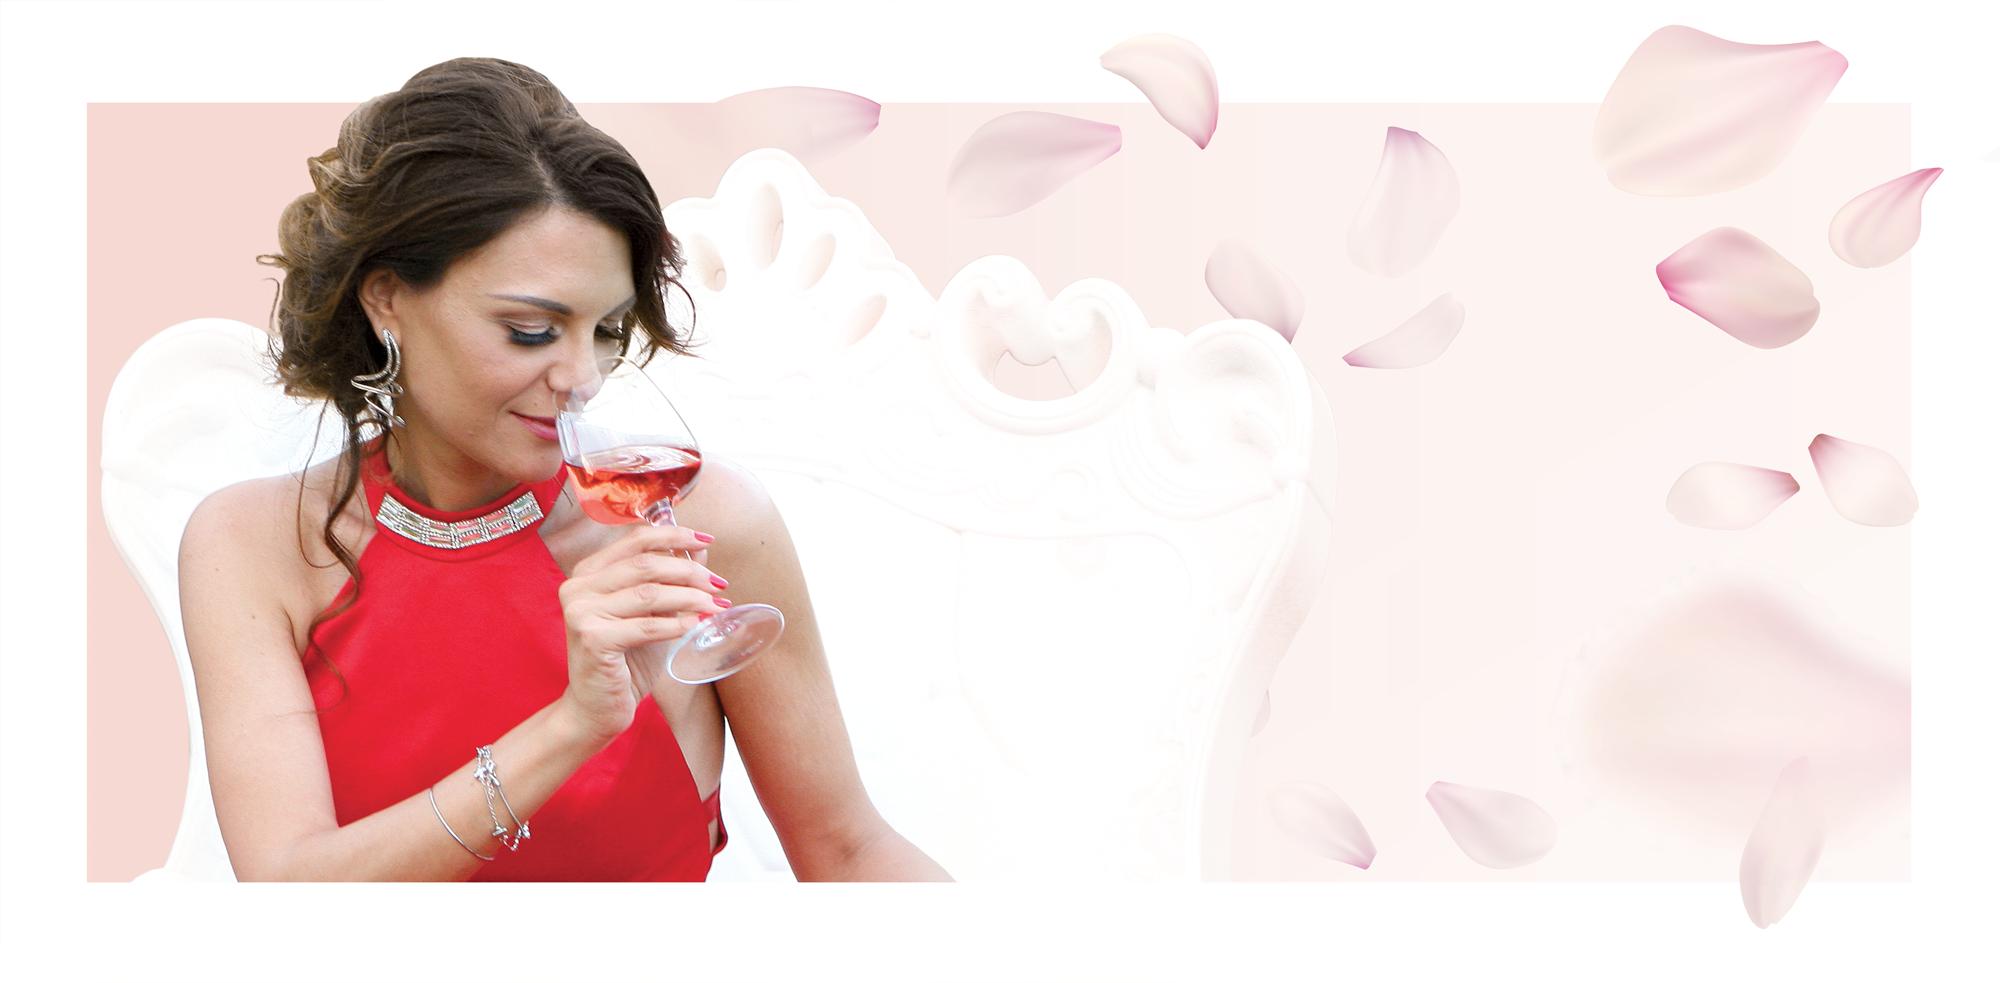 Donna esegue l'analisi sensoriale del vino Marilina Rpsè